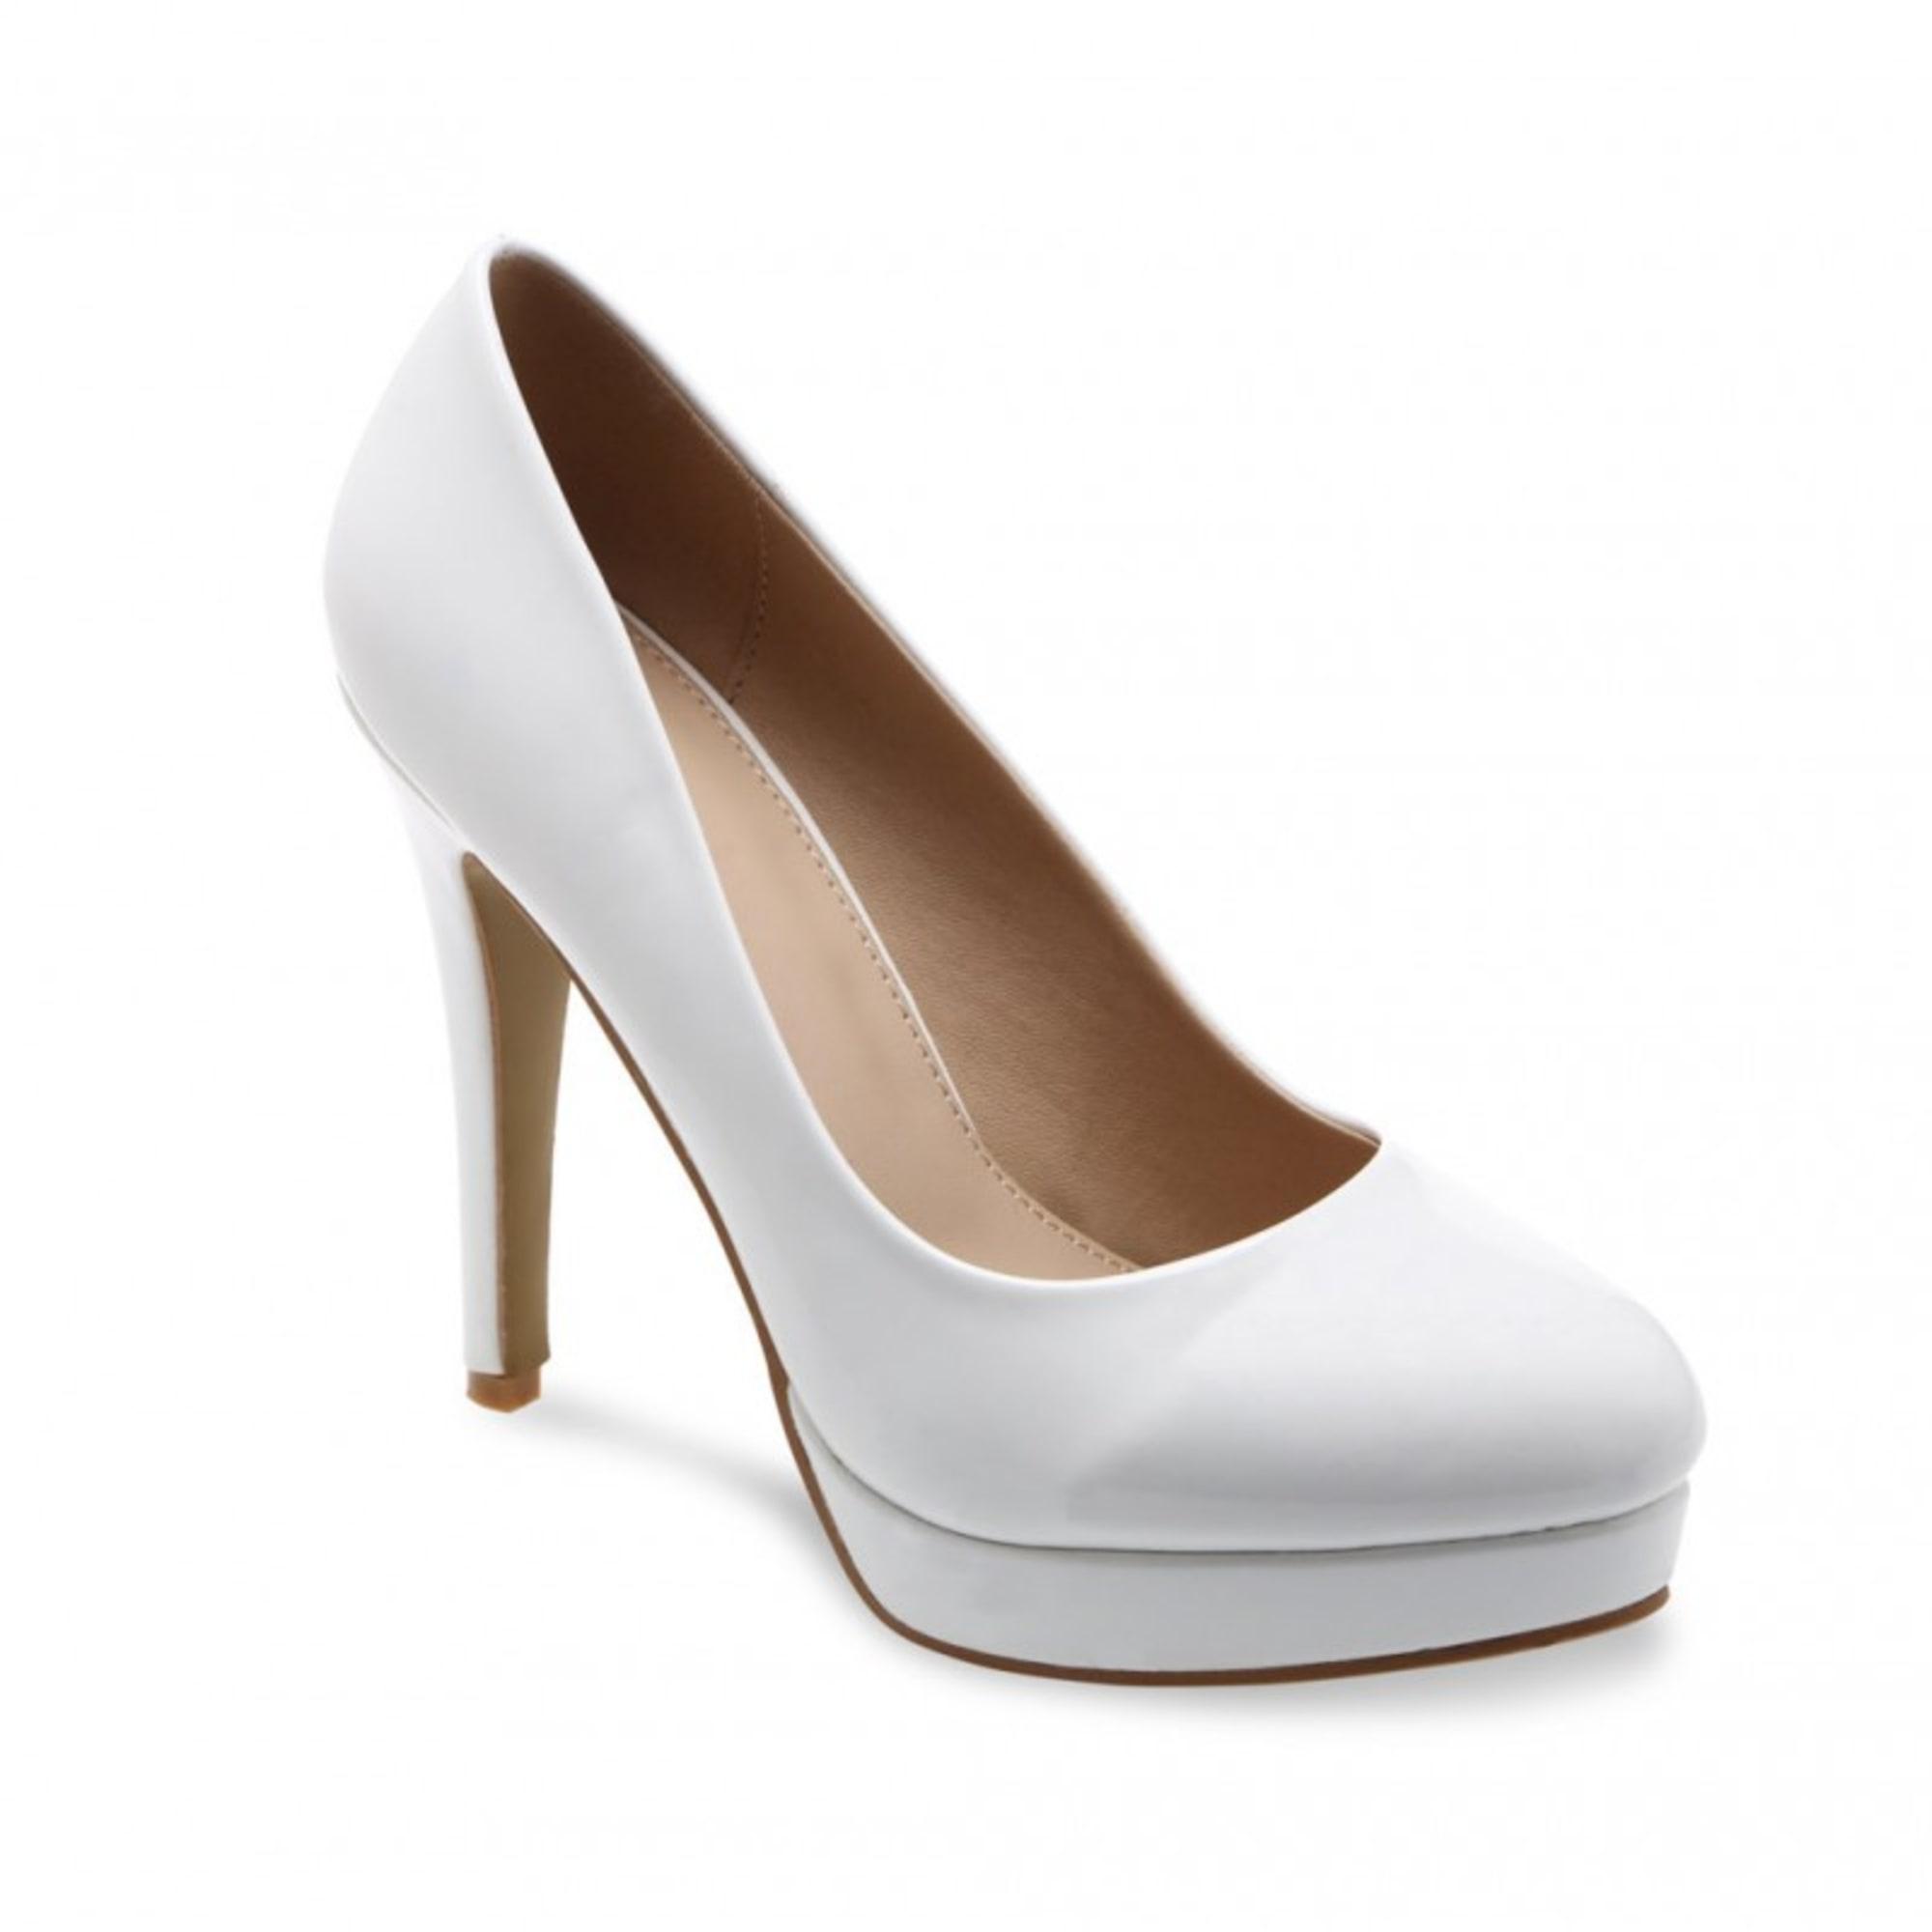 La Sur Chaussures Marque Avis Moow 7fyYg6vb